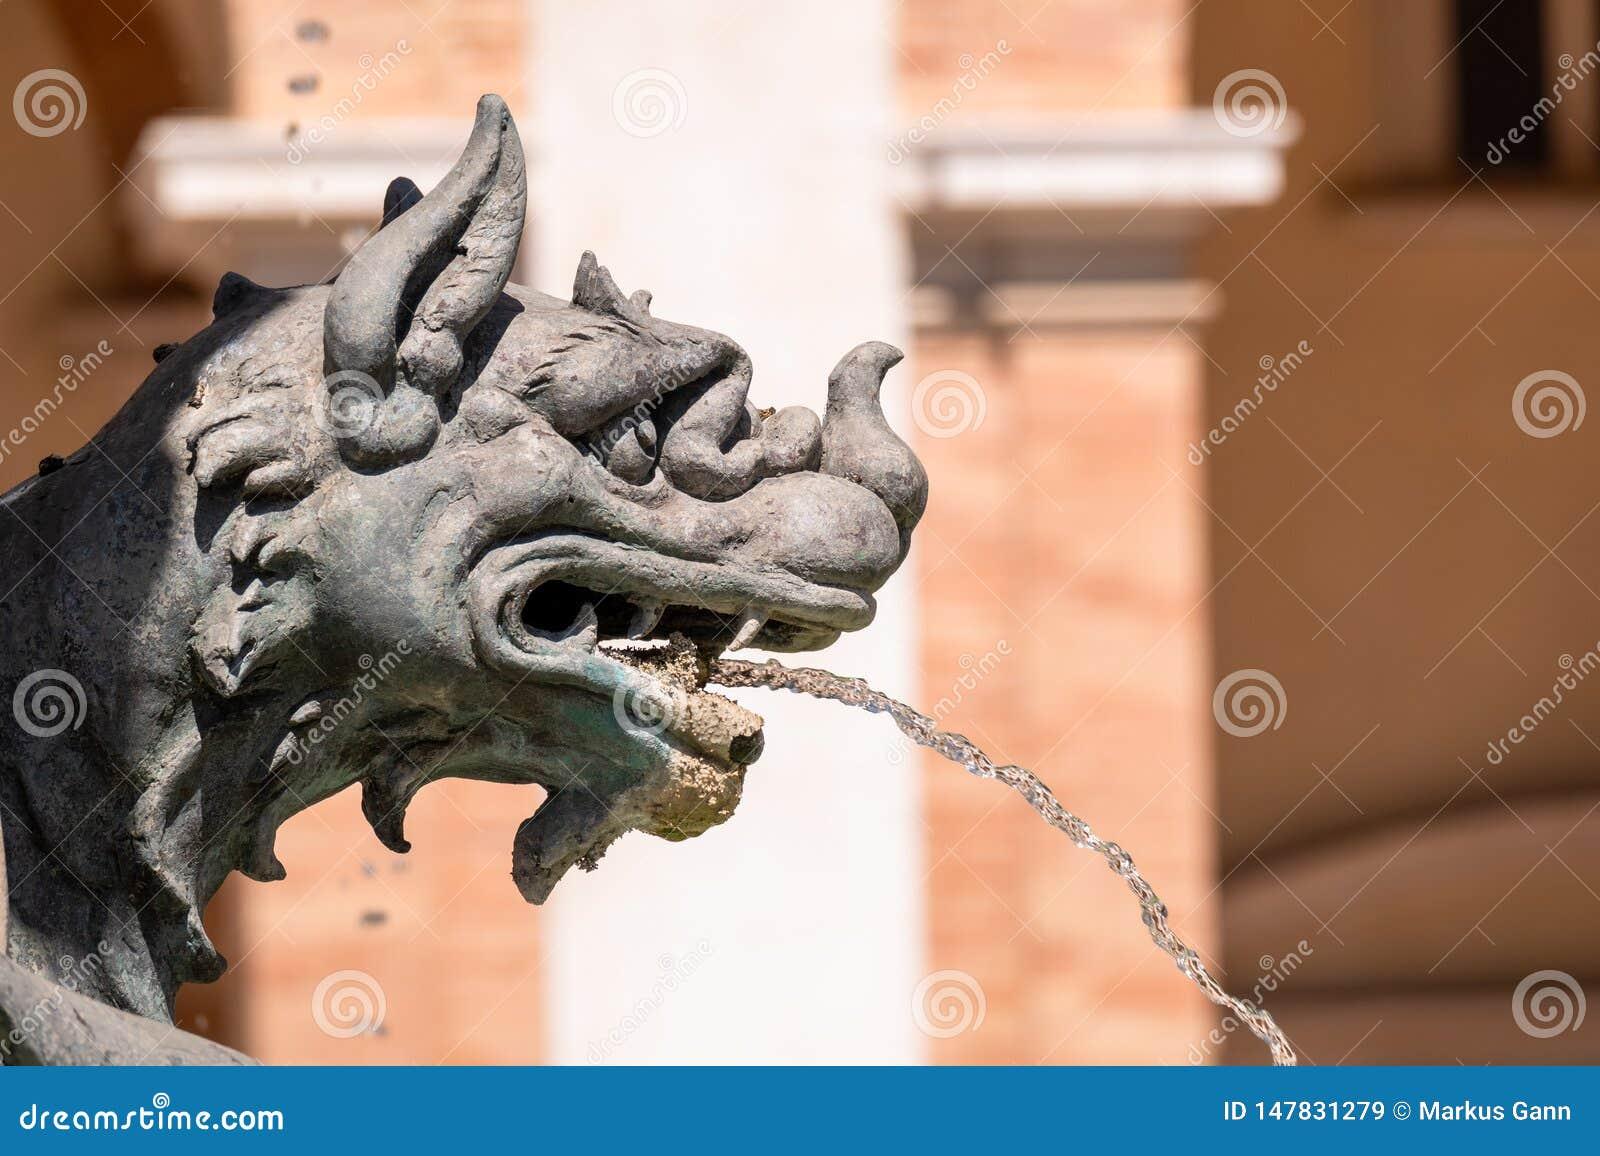 fountain at the Basilica della Santa Casa in Italy Marche